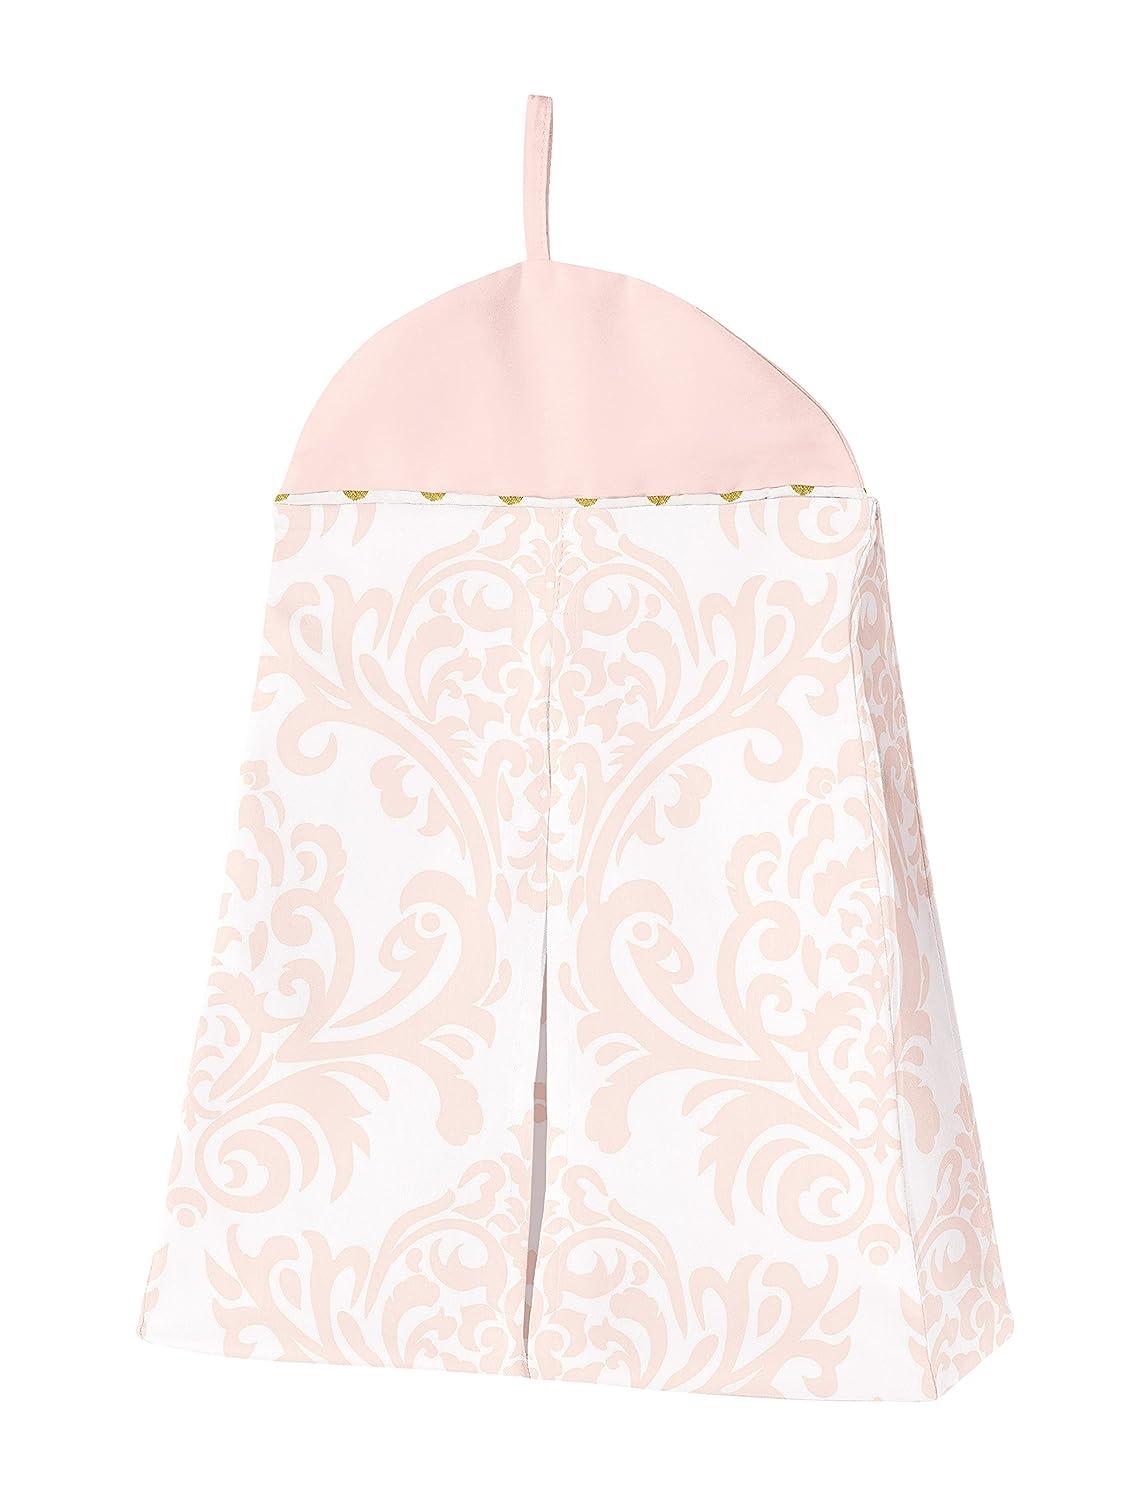 Rouge camellia/® Design /à la Mode Enfant Cool Enfants Gar/çons Filles Enfants Cadre en Plastique Lunettes de Soleil Lunettes de Protection des Yeux Eye Protect Easy Match